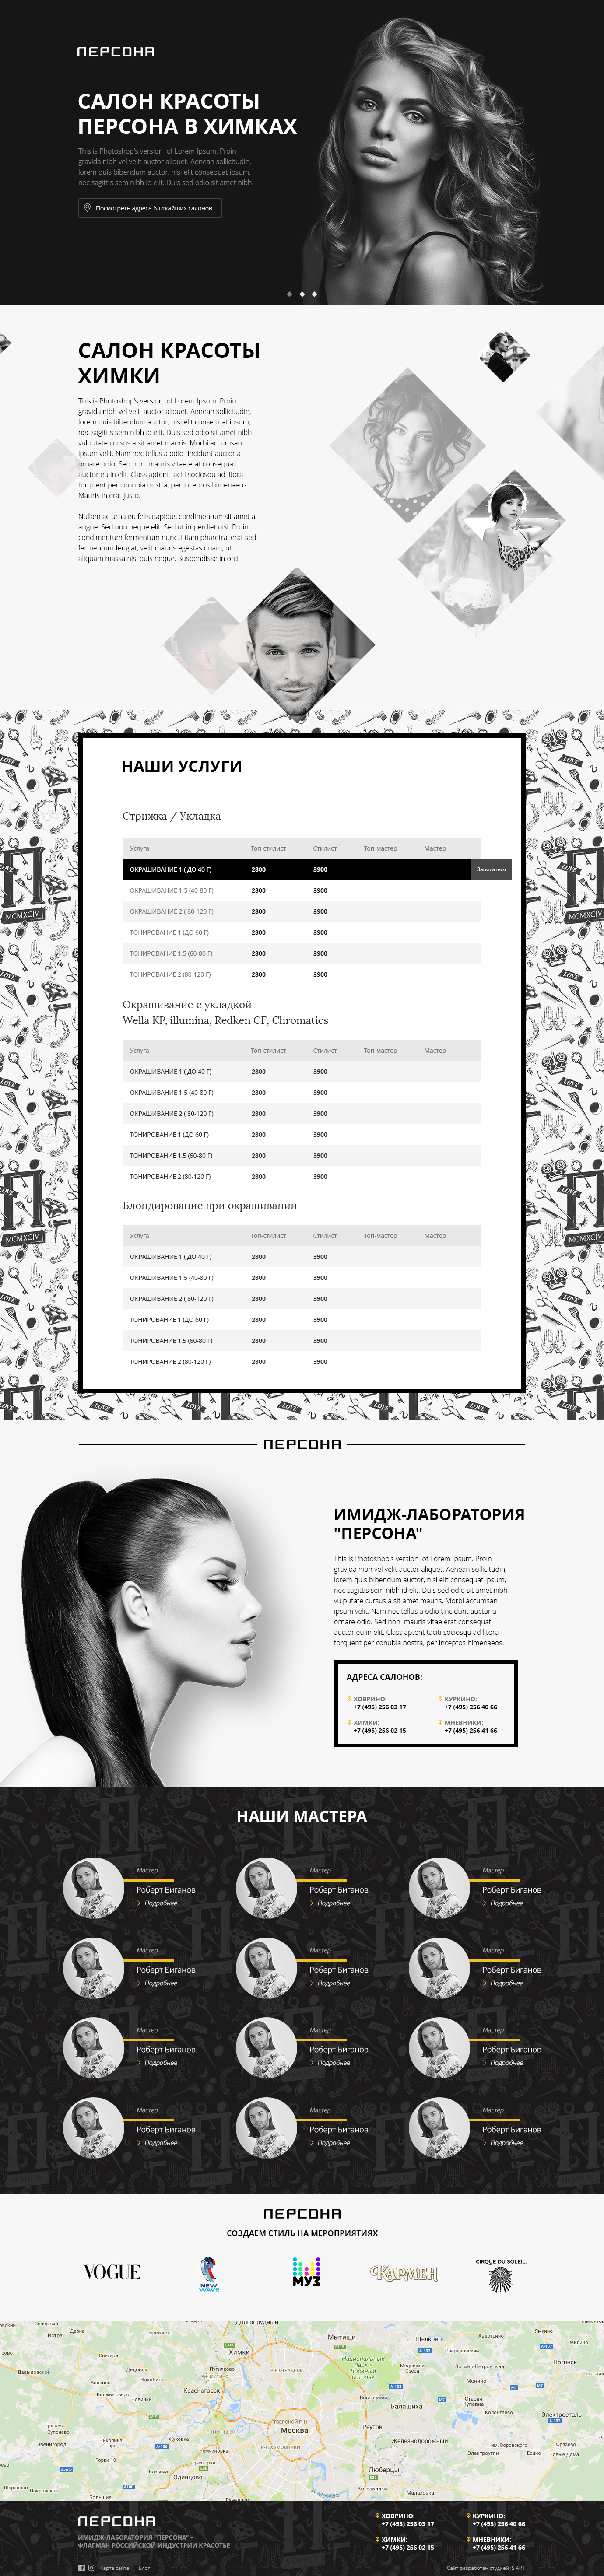 """Макет сайта Имидж лаборатория """"Персона Лаб"""" 1"""